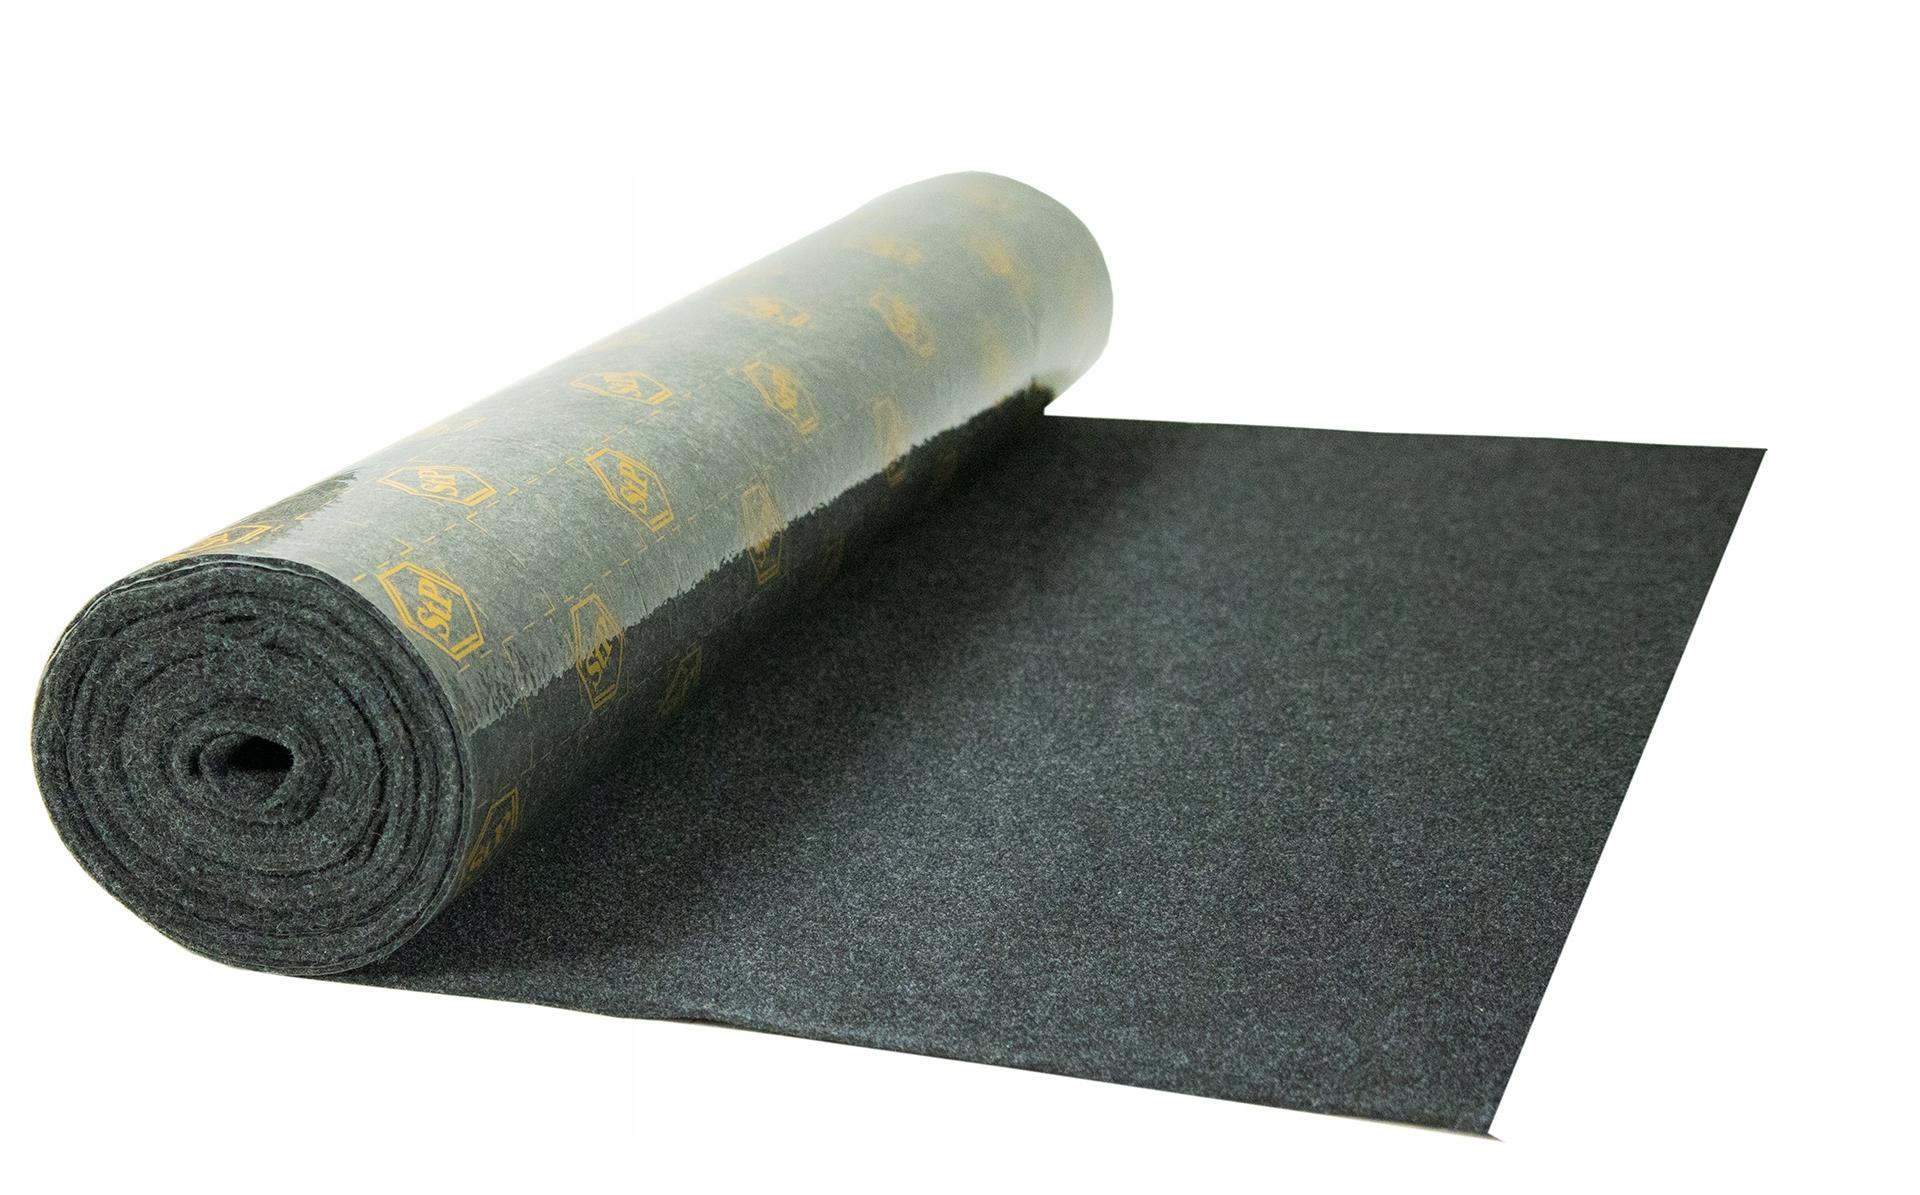 stp ковровое самоклеящиеся серая войлок ковер 10m2